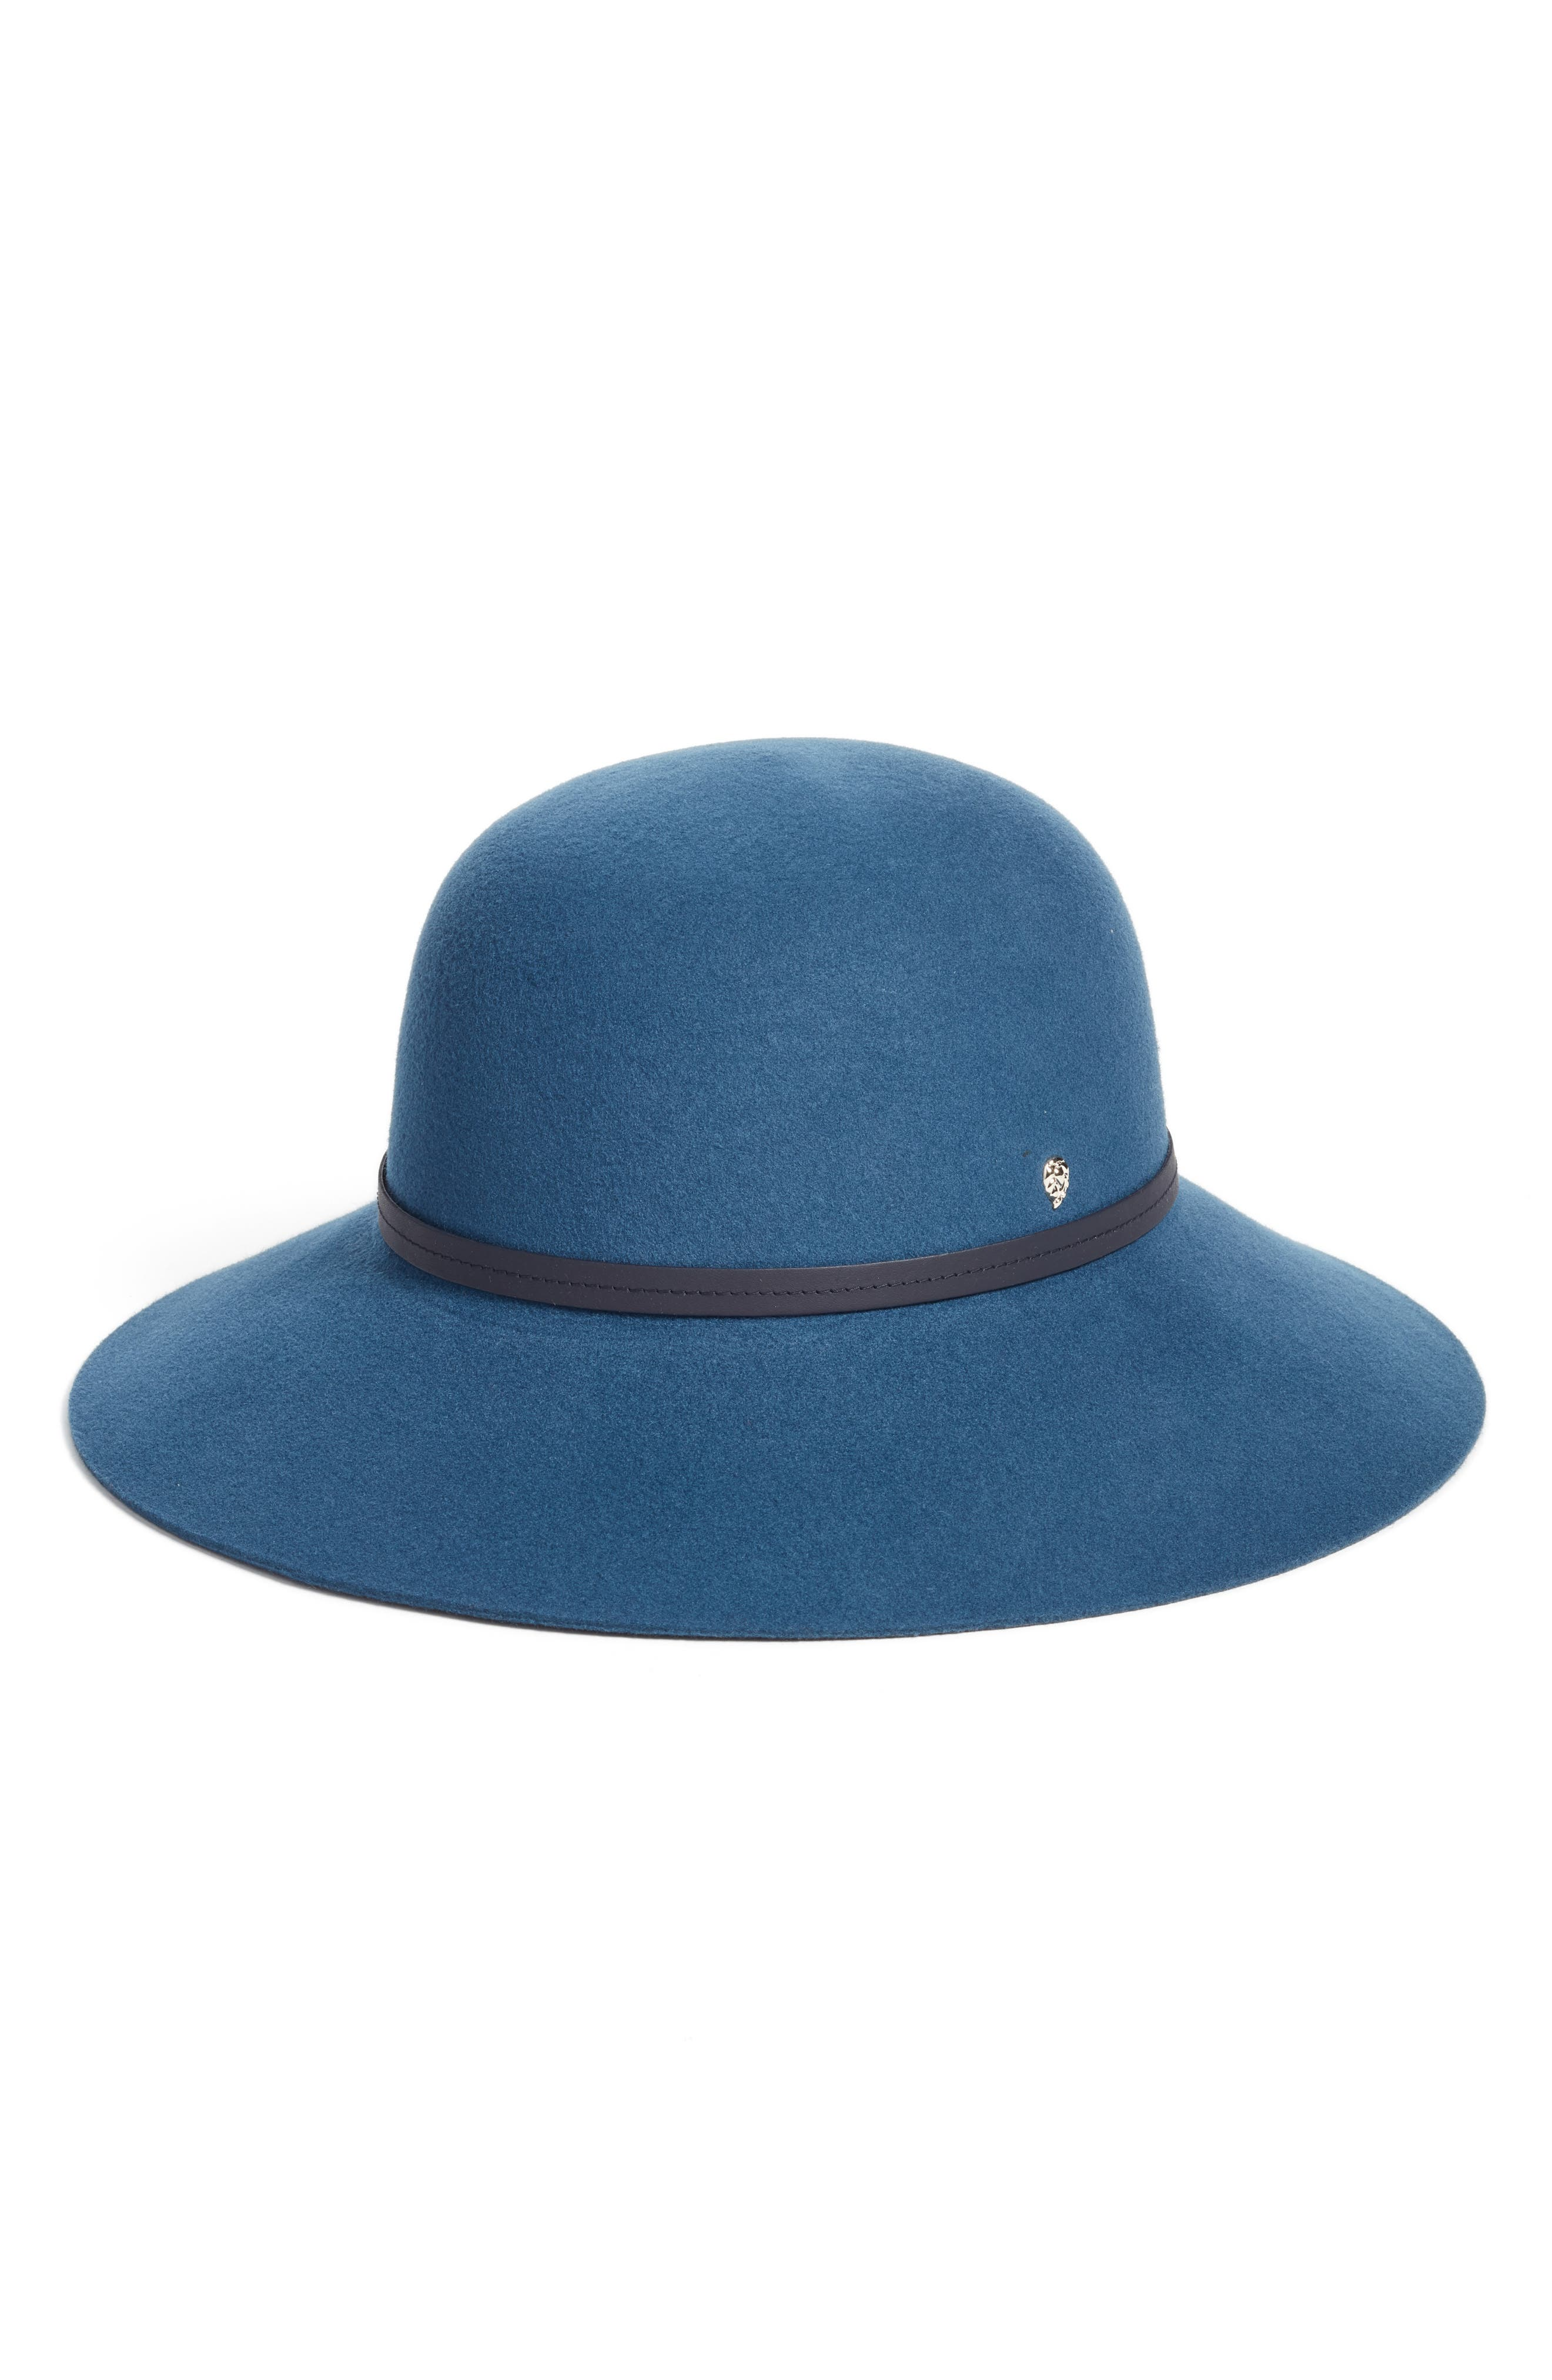 Helen Kaminski Angled Brim Wool Felt Hat